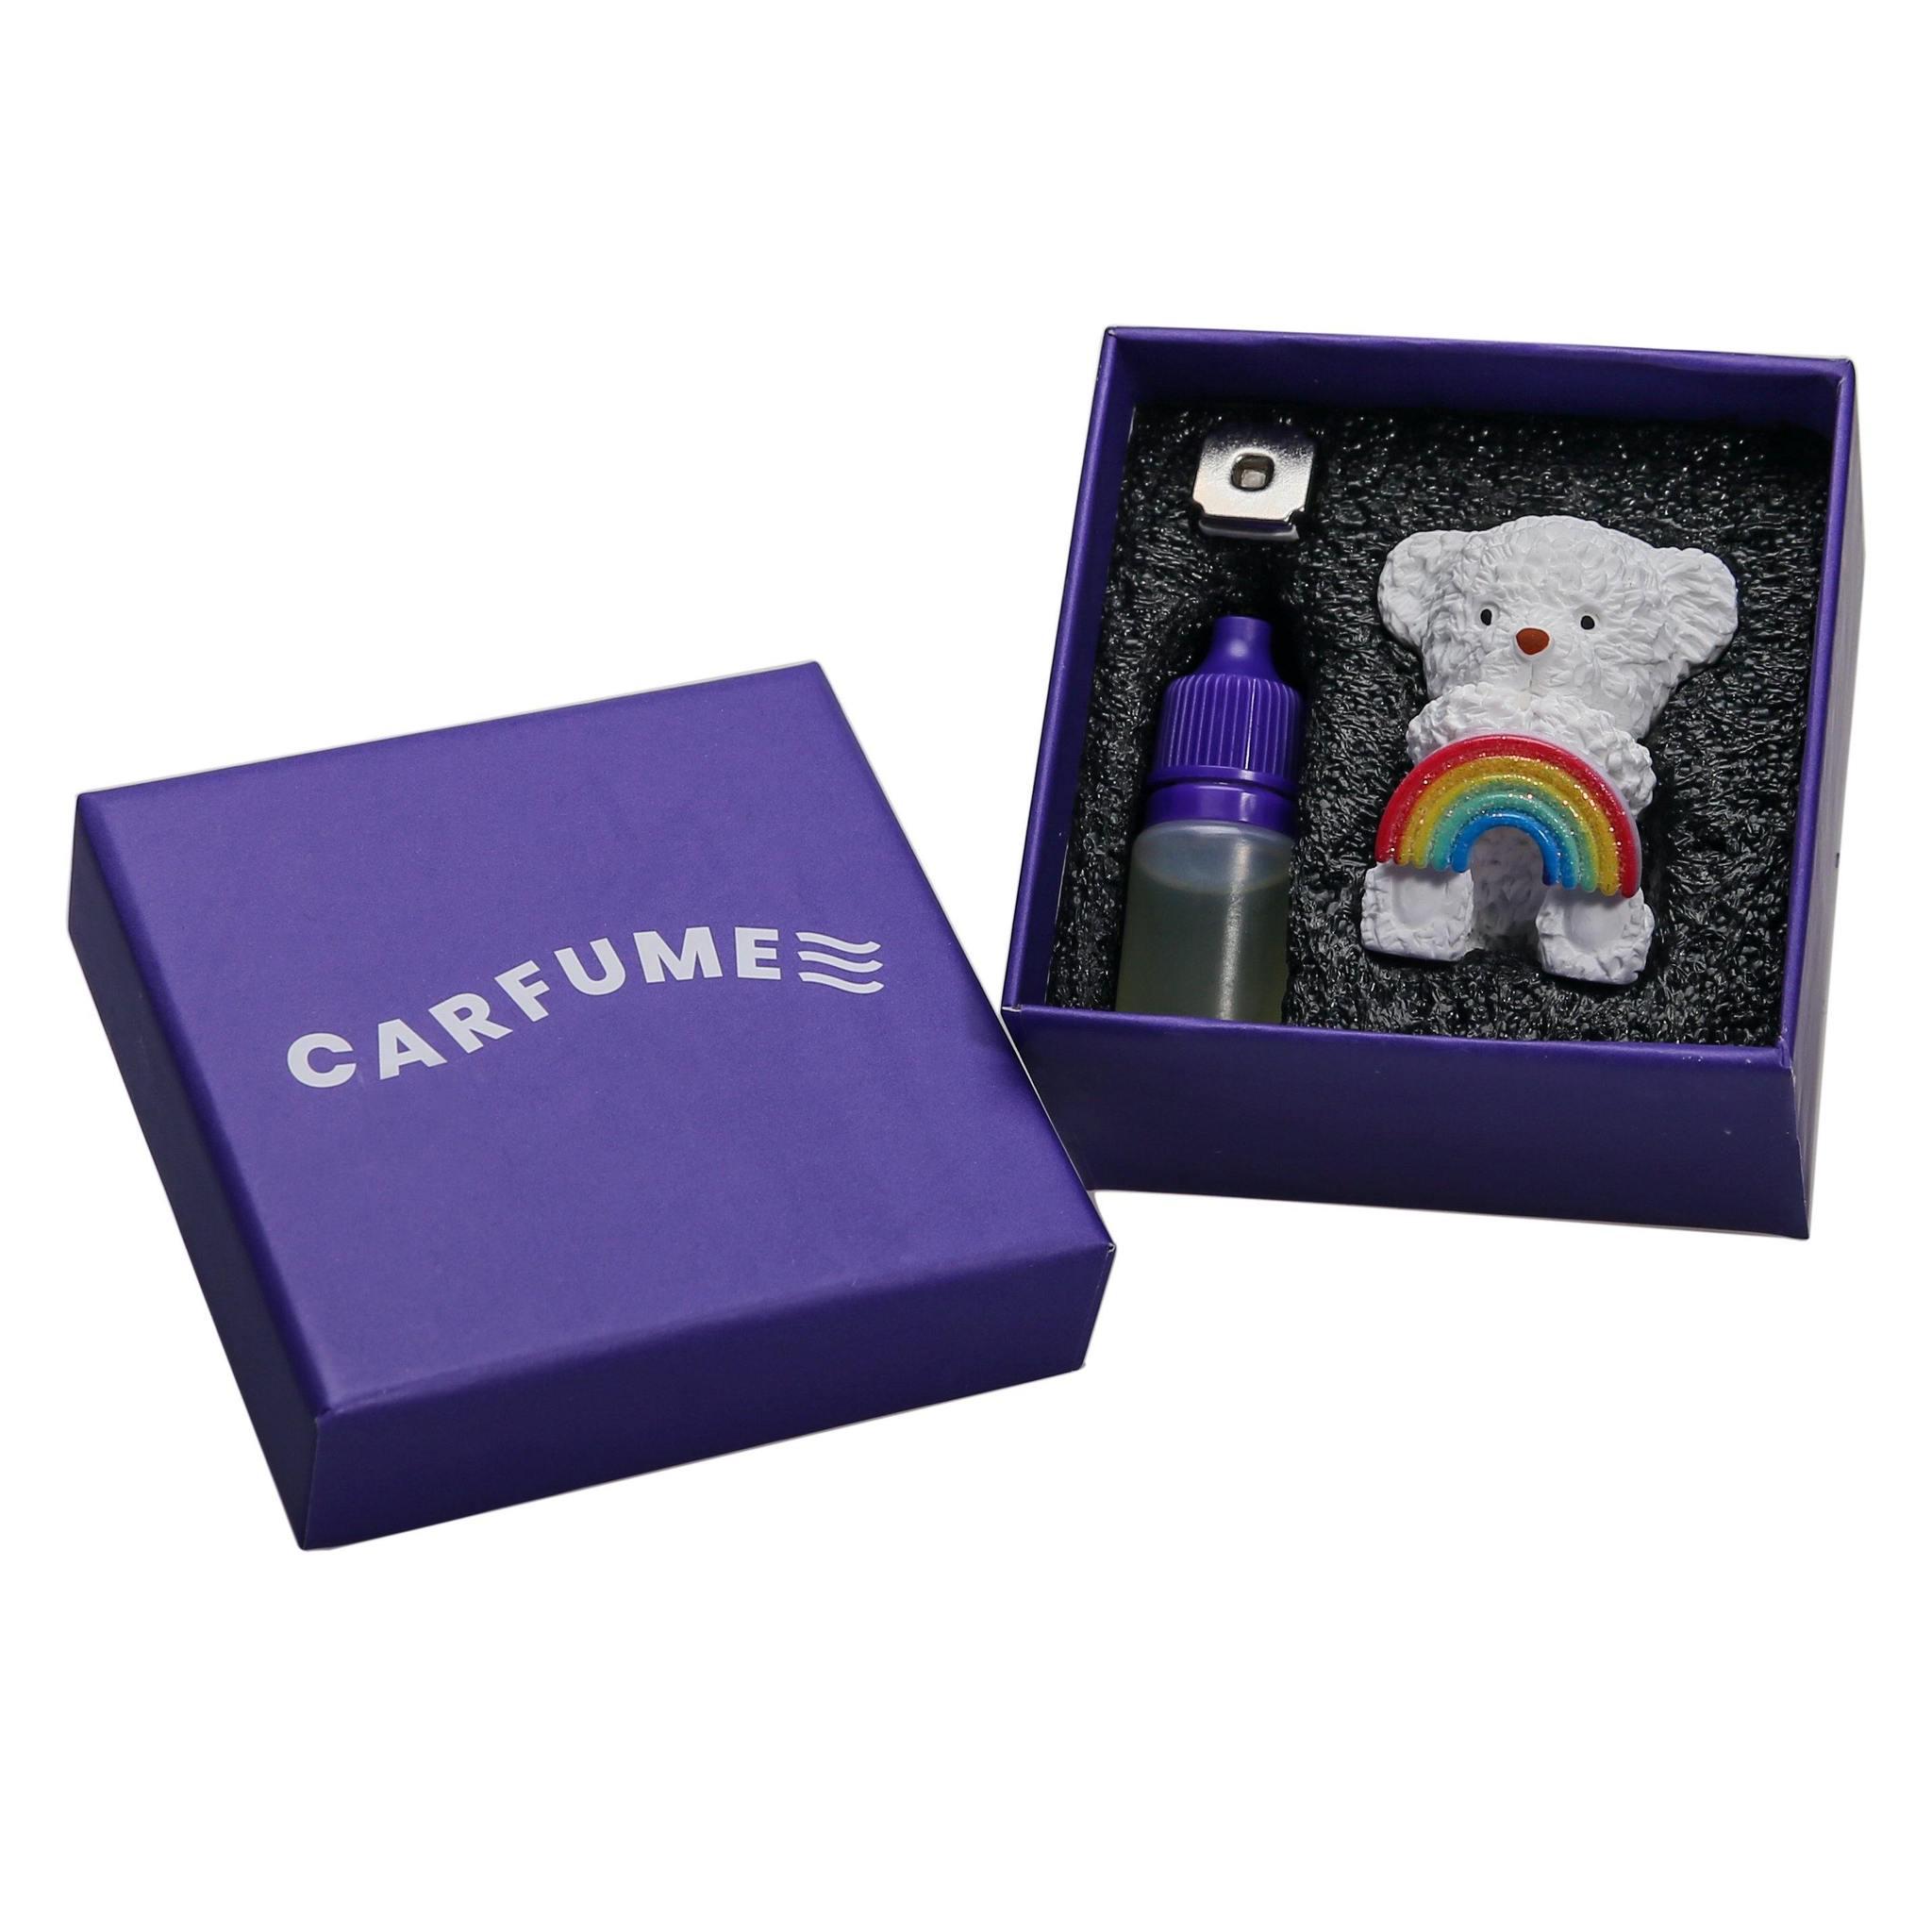 Rainbow Bear - Carfume